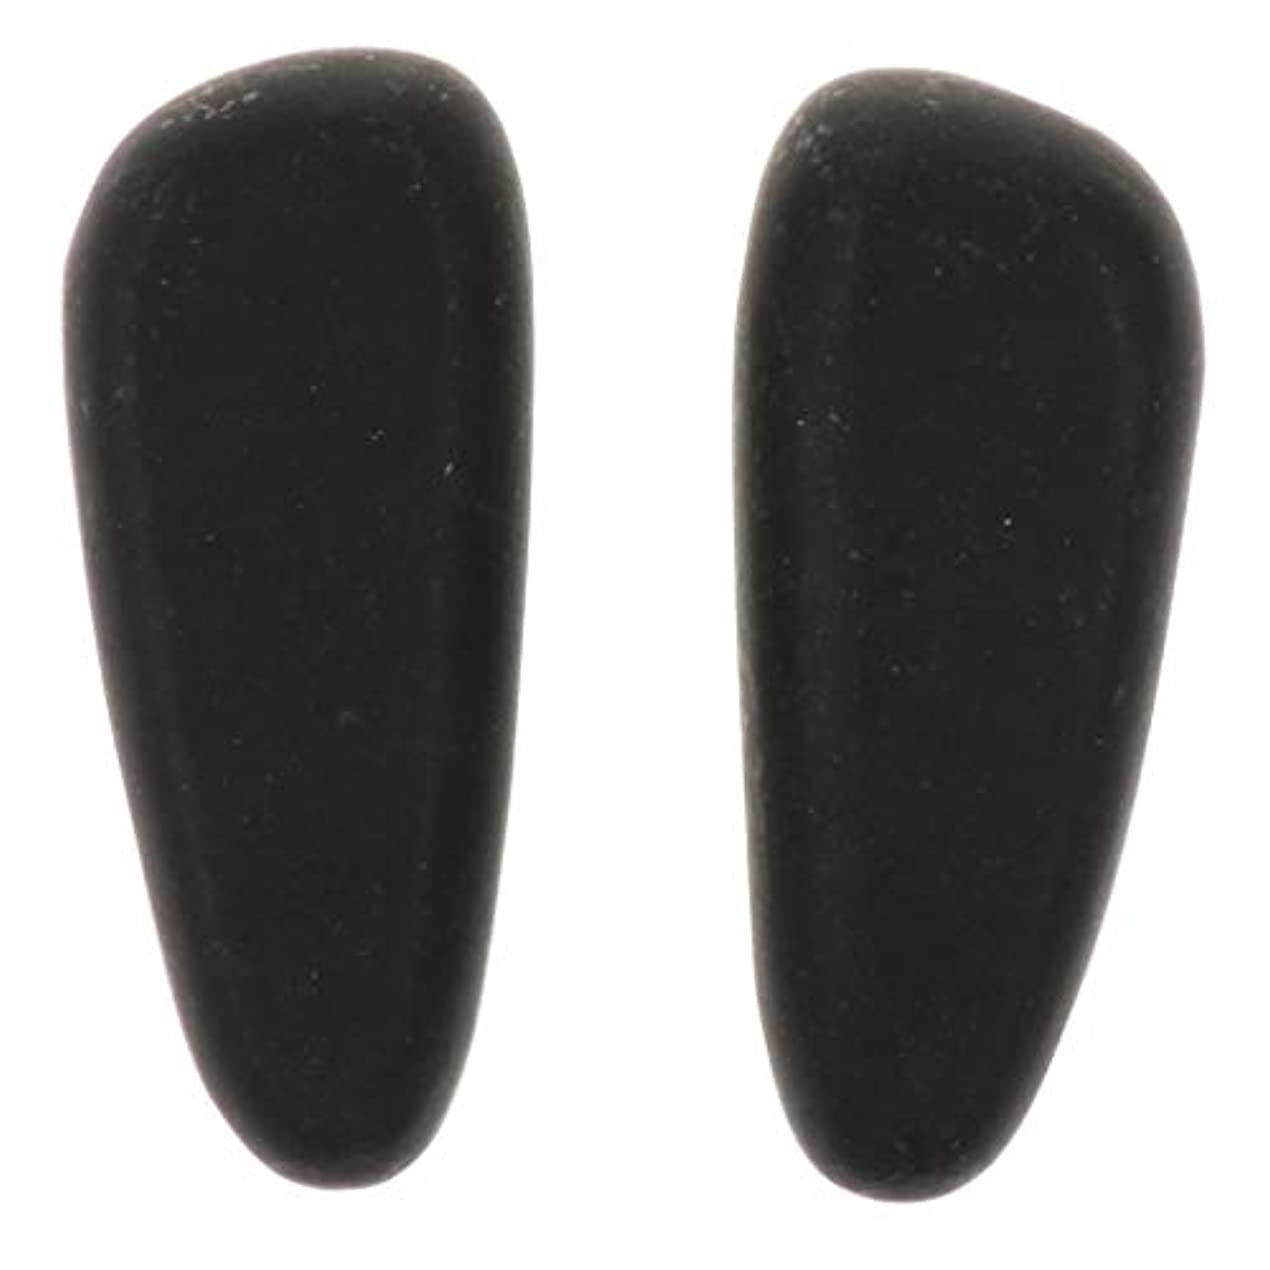 オンス章光沢SM SunniMix 天然石ホットストーン マッサージ用玄武岩 マッサージストーン マッサージ石 ボディマッサージ 2個 全2サイズ - 8×3.2×2cm